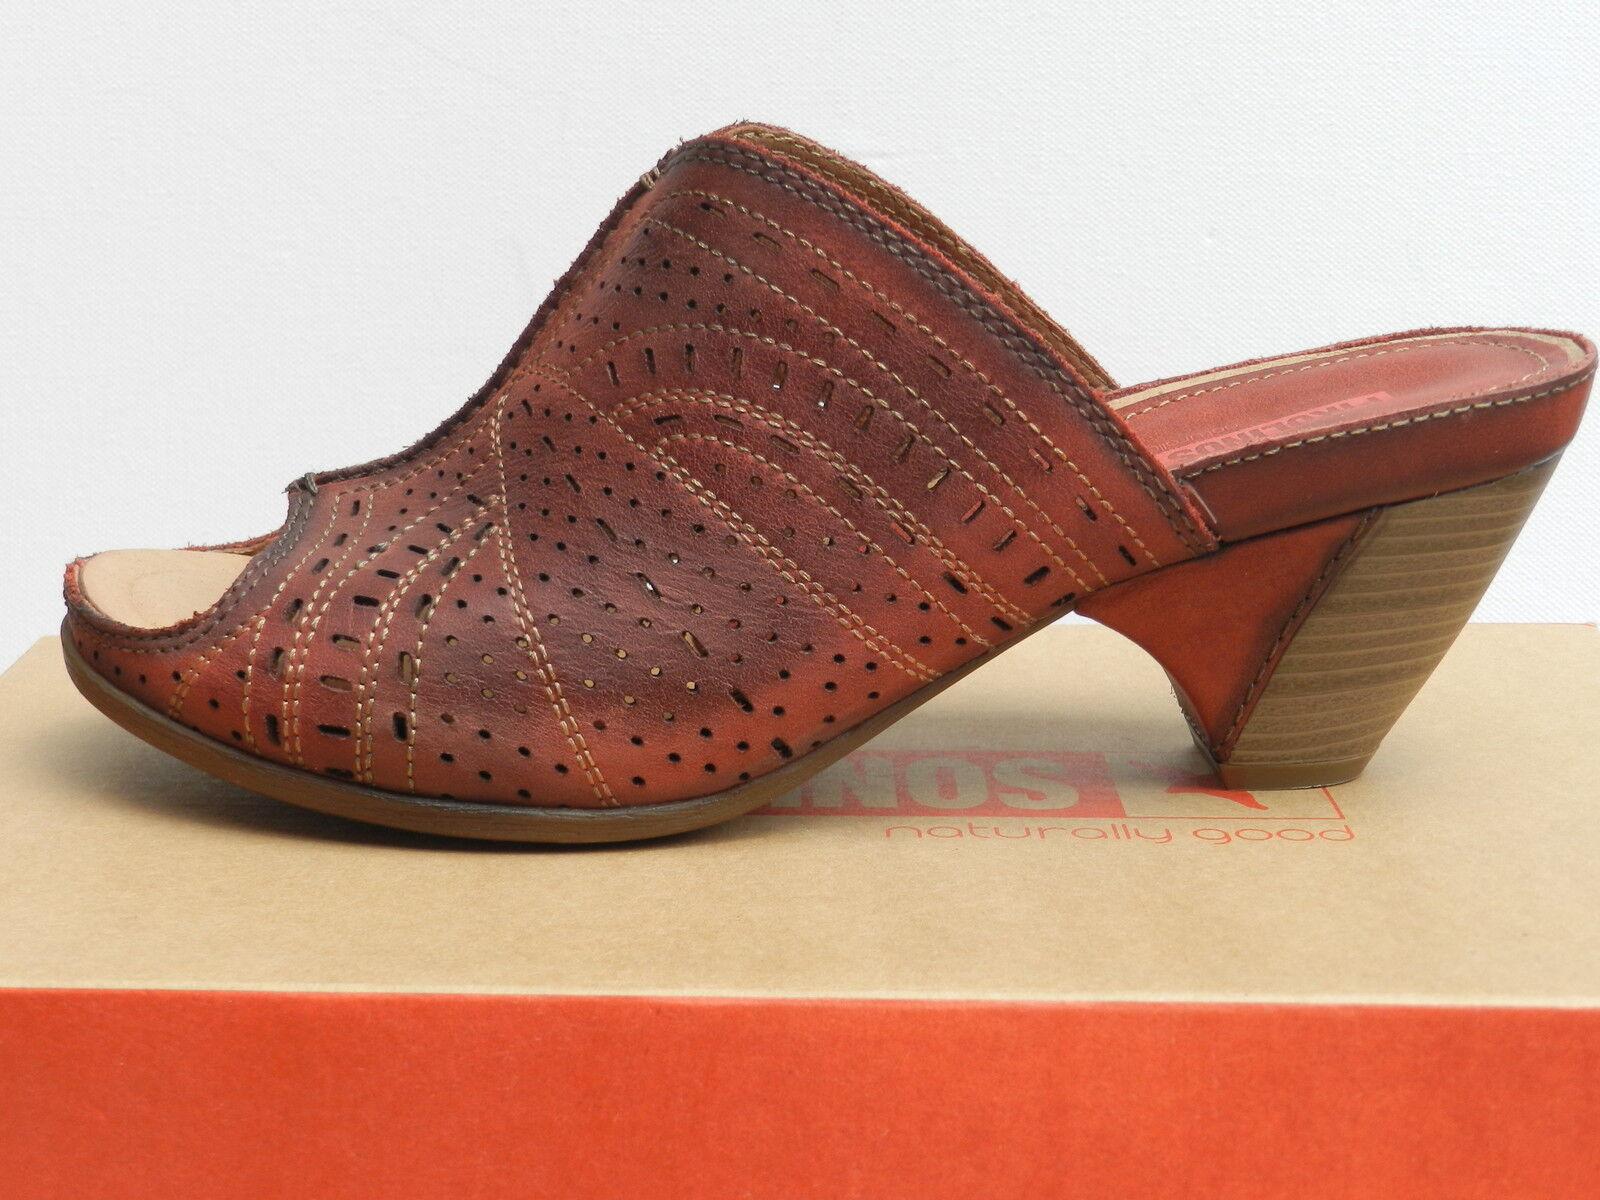 Pikolinos morira donne scarpe 41 sandali  muli 845 salome zoccoli uk8 nuovo  prendi l'ultimo